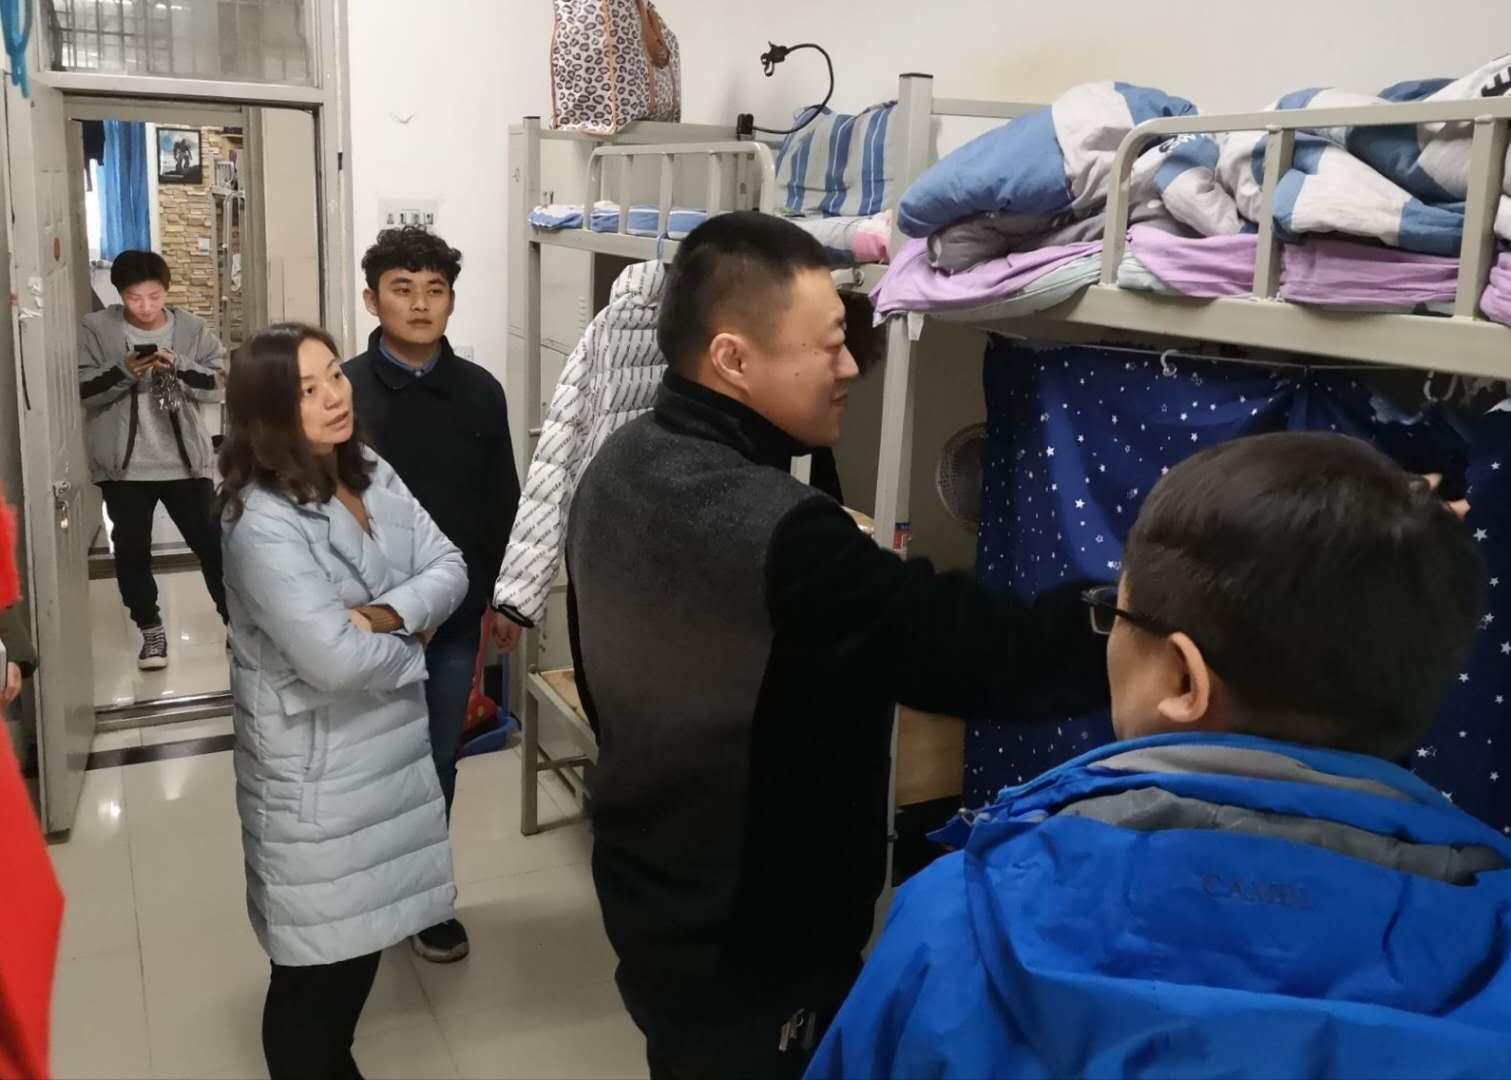 河南牧业经济学院新生宿舍条件和宿舍环境图片